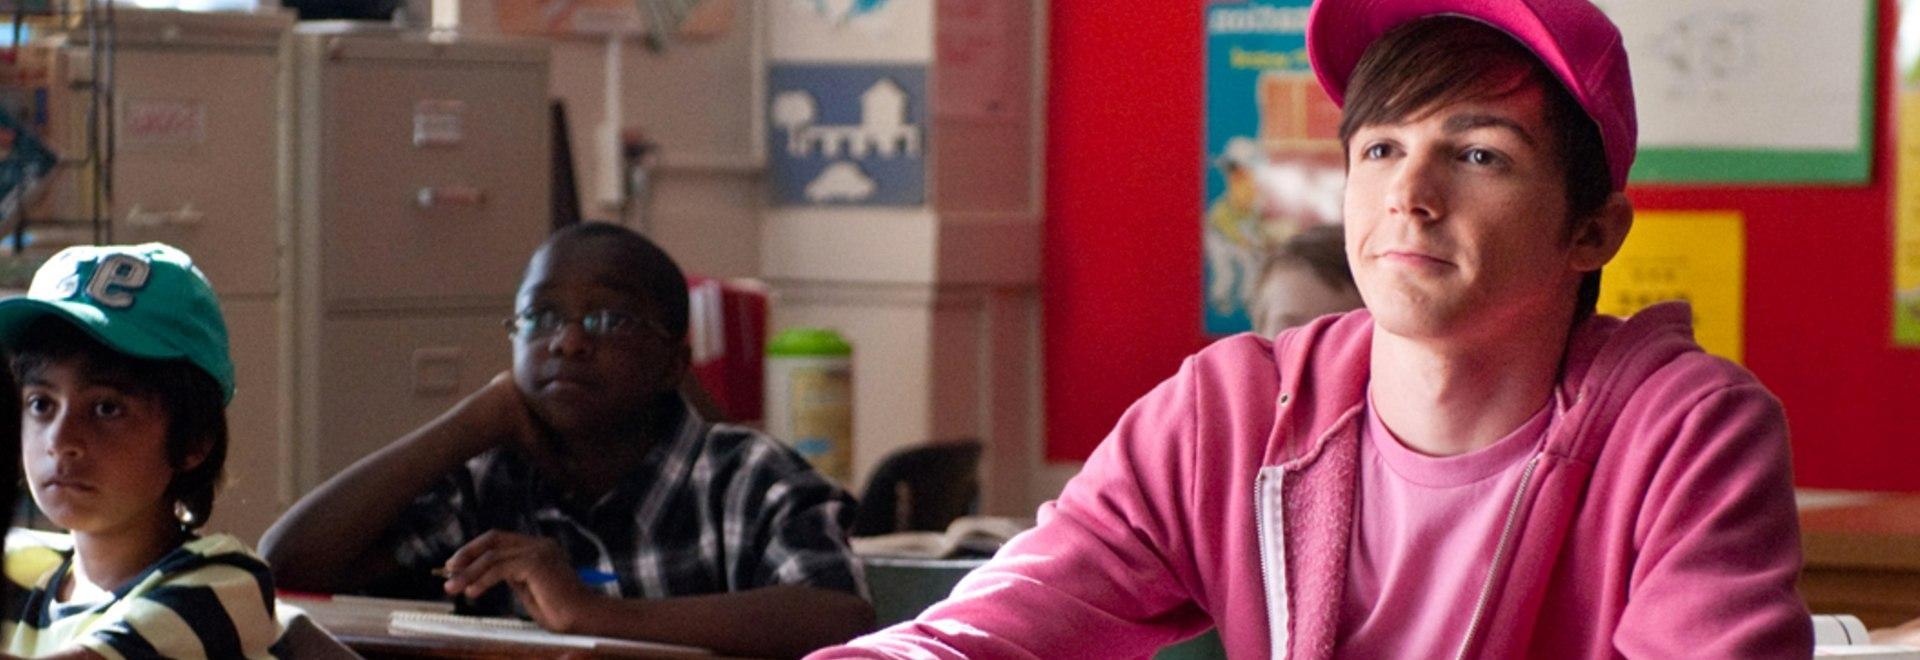 Un fantafilm: Devi crescere, Timmy Turner!